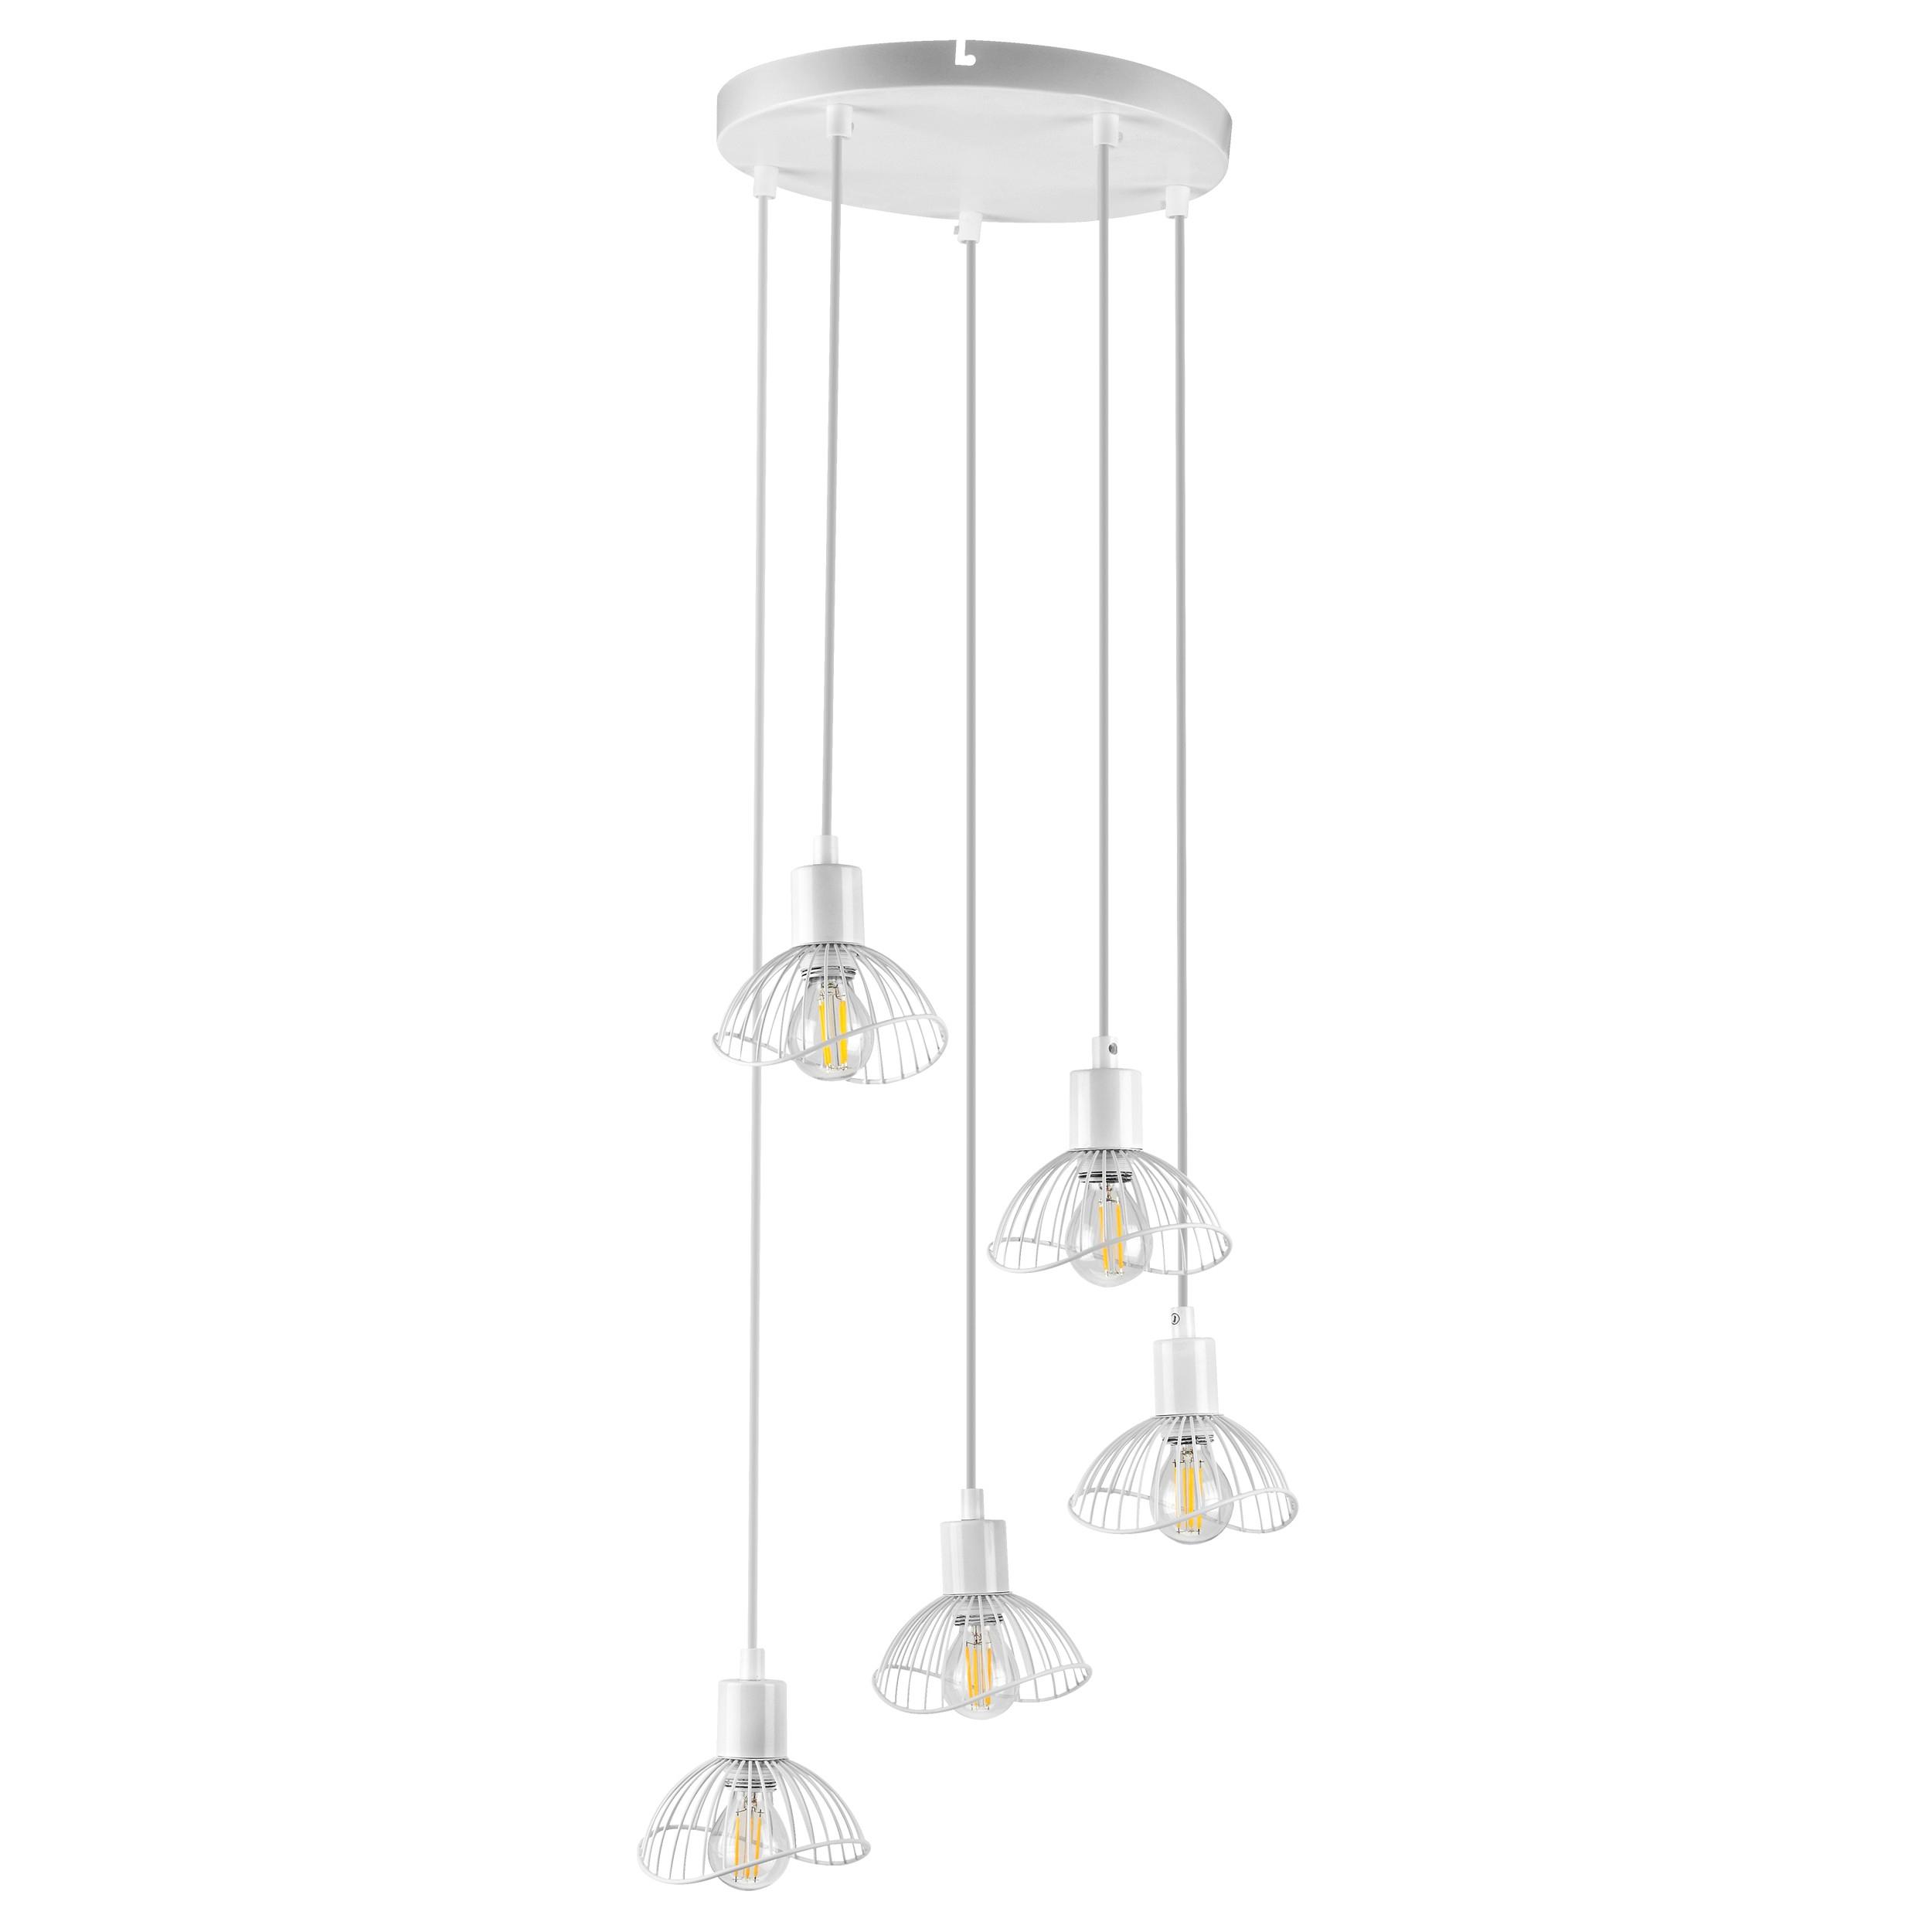 Lampa wisząca AJE-HOLLY 8 White 5xE14